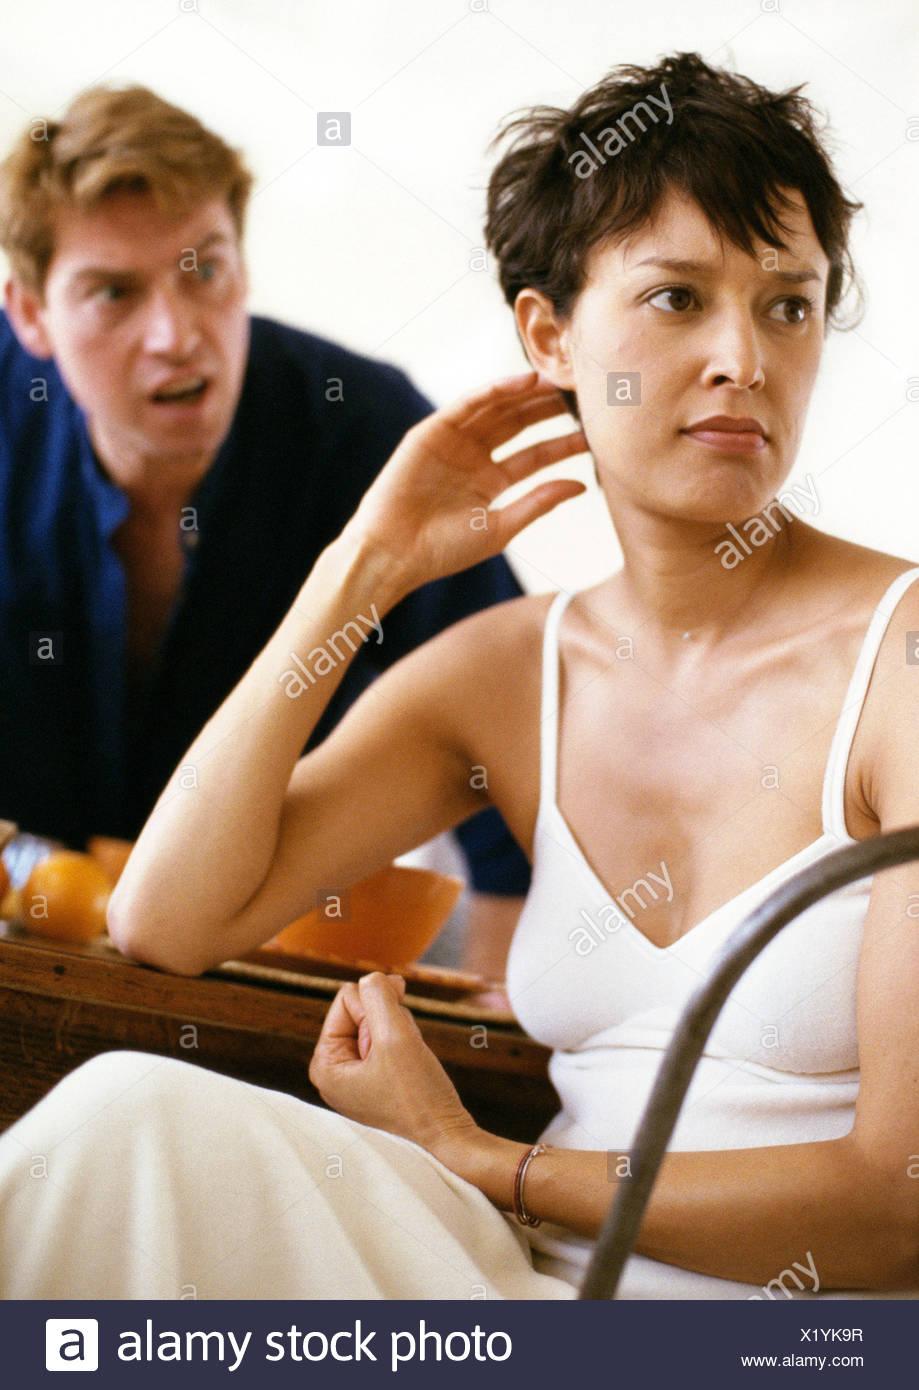 Paar streiten sich um Frühstück, schreien, während Frau entfernt im Zorn sieht Mann Stockfoto